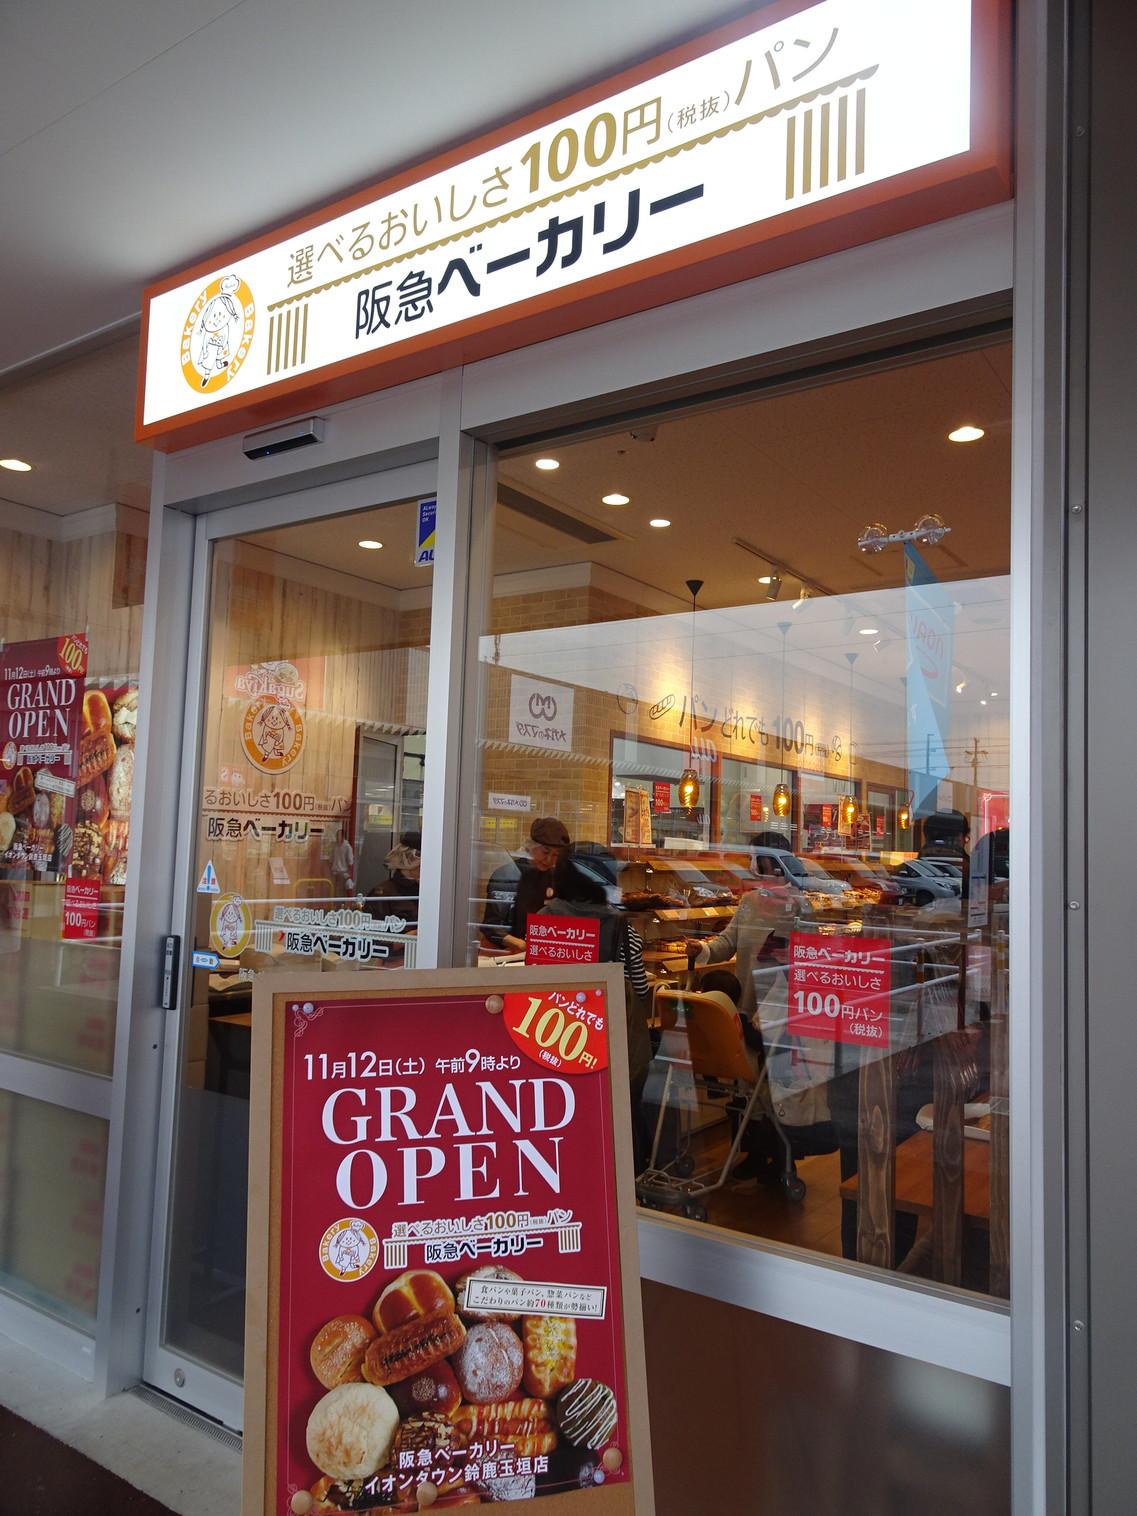 阪急ベーカリー イオンタウン鈴鹿玉垣店